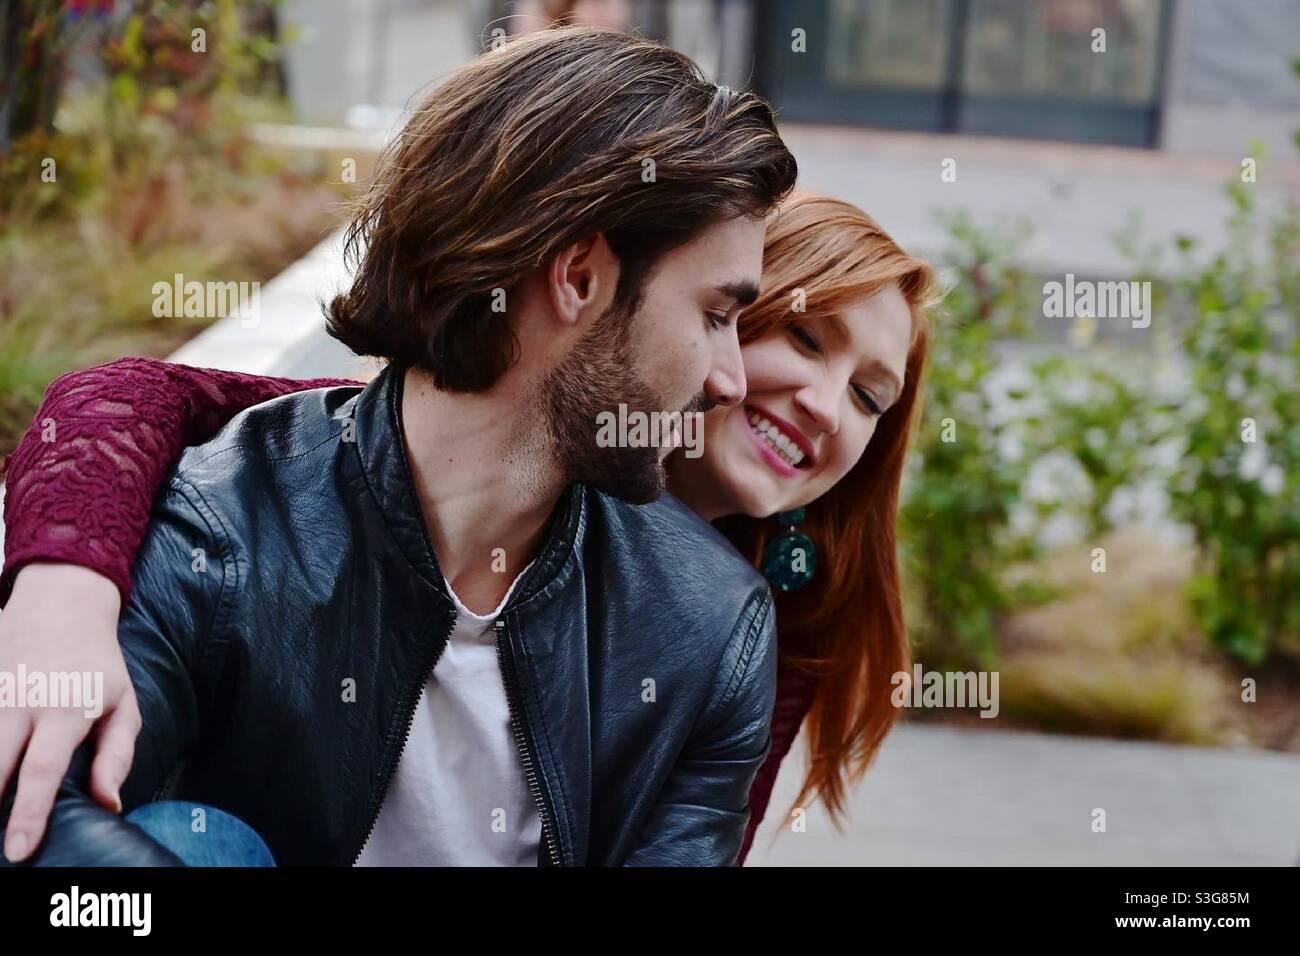 Millennial-Paar, nette junge Frau und Mann an einem Tag New York City offen Stockfoto